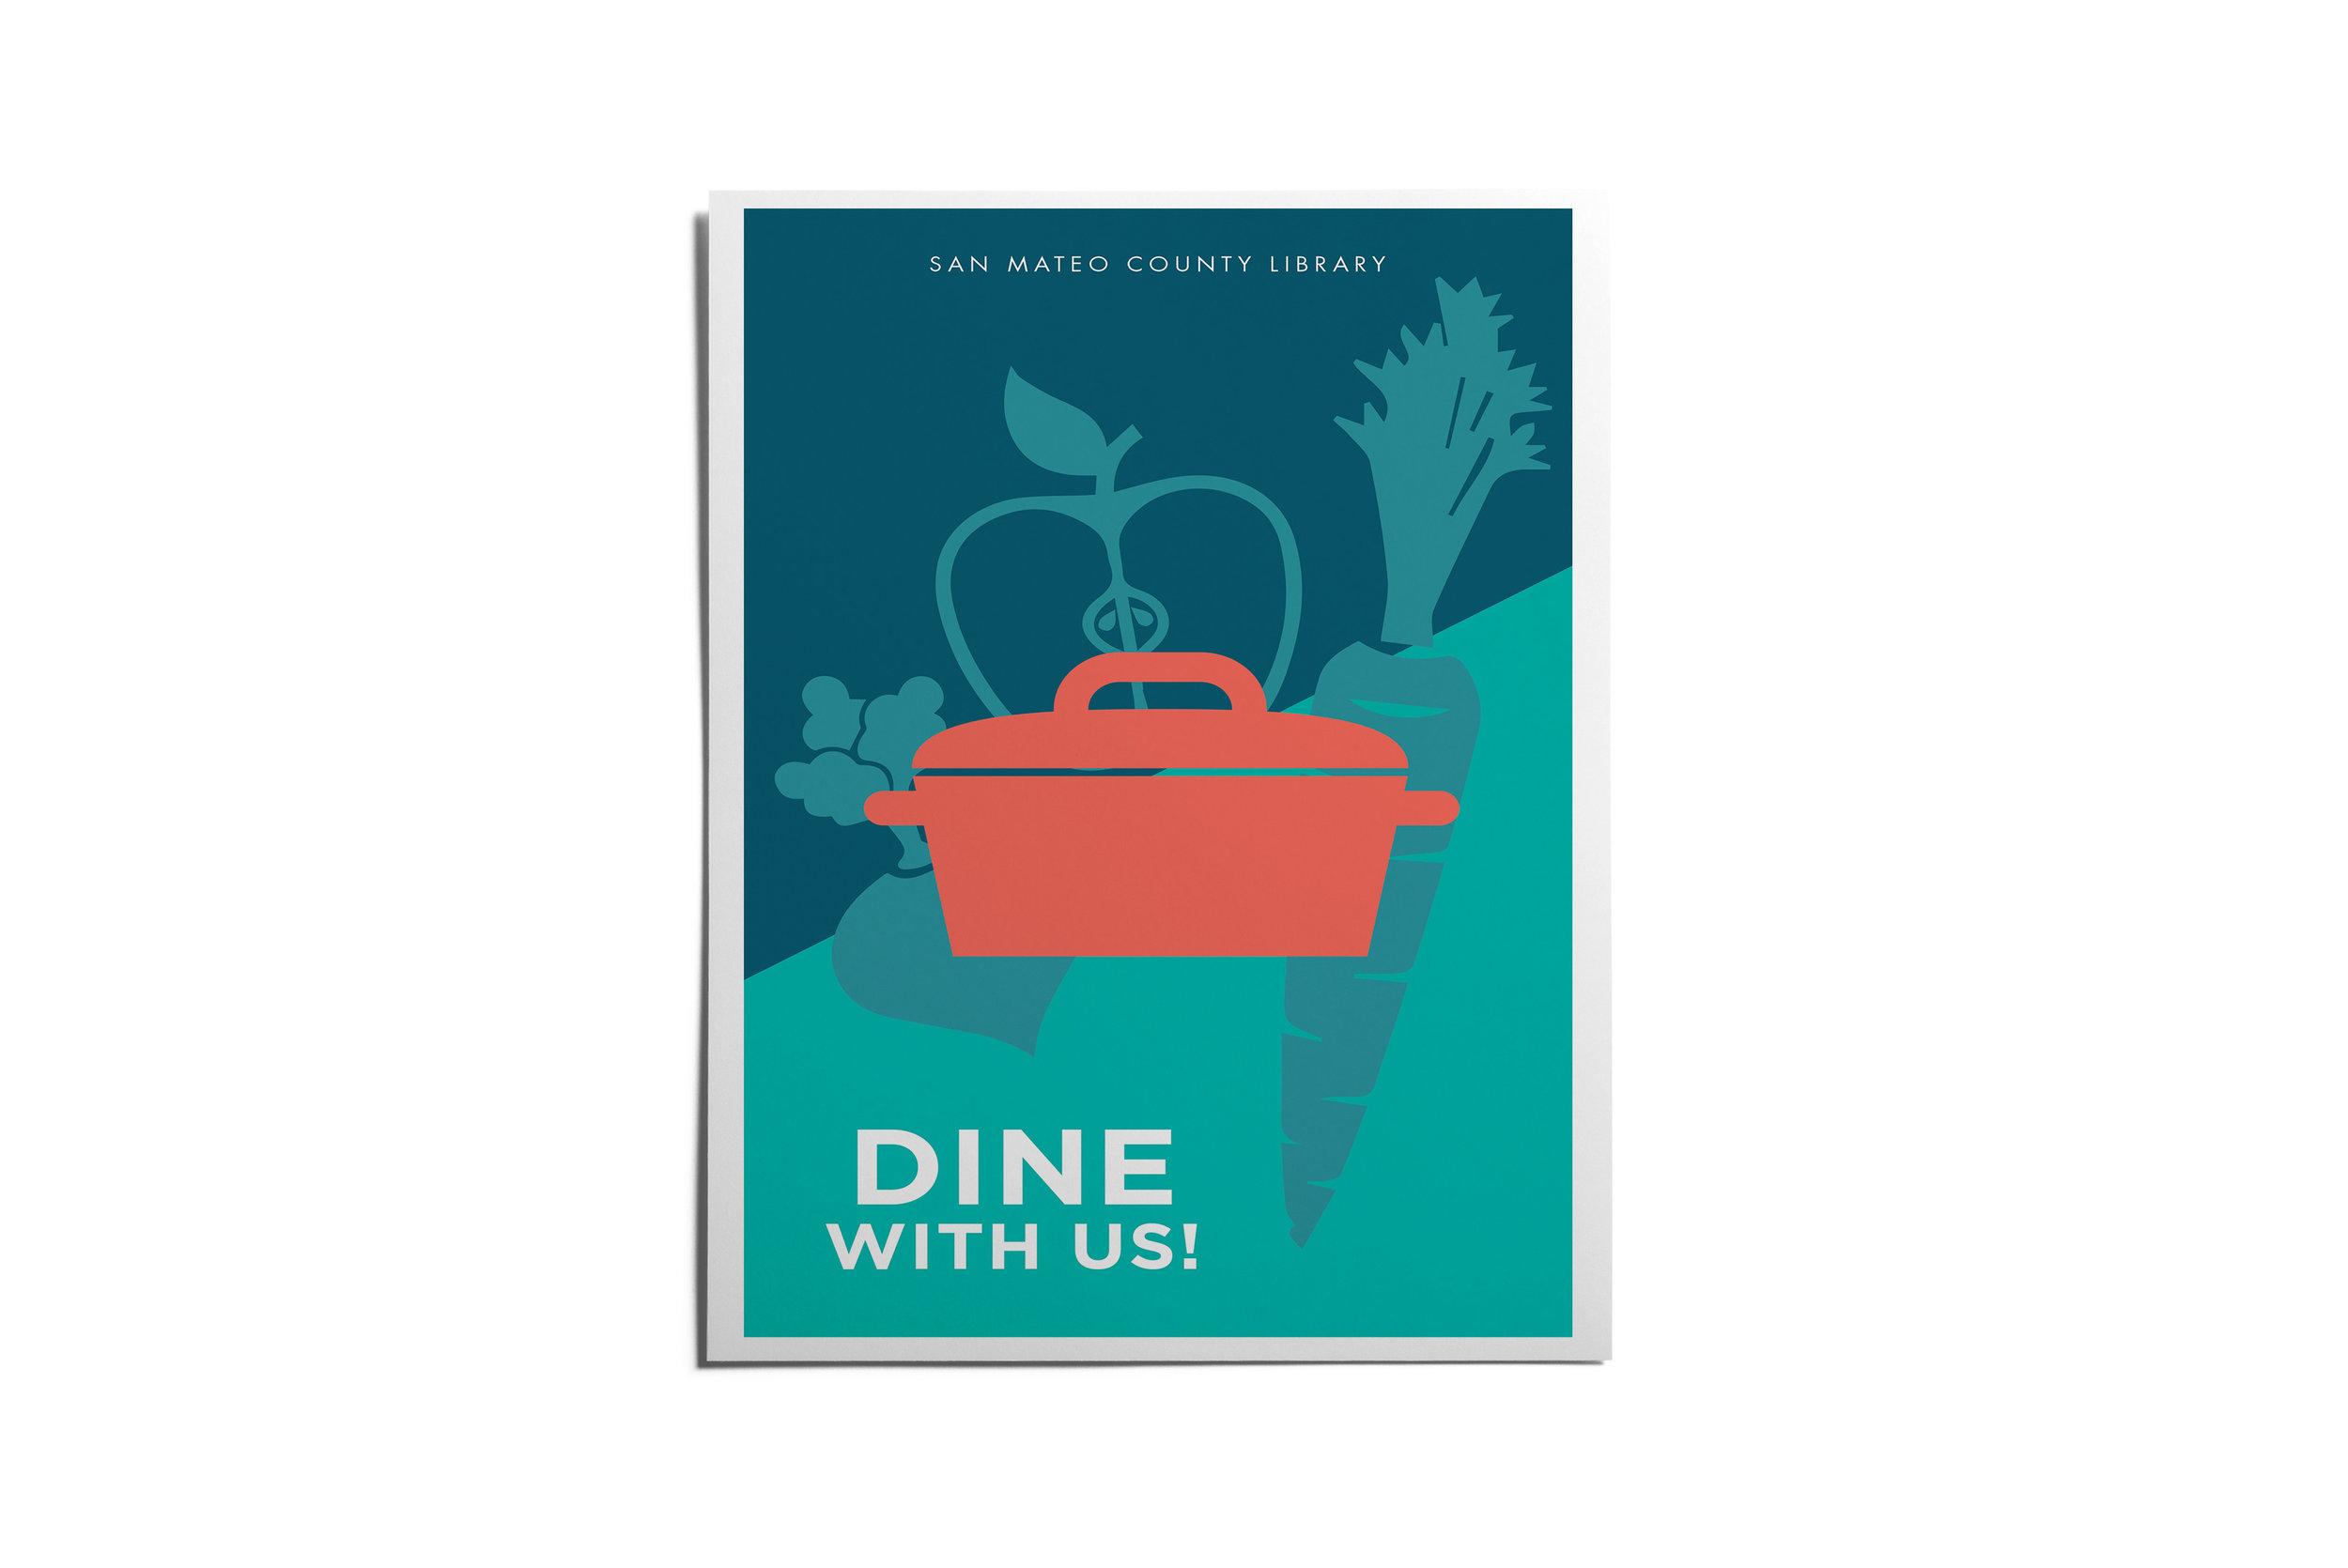 dine-us-flyer.jpg